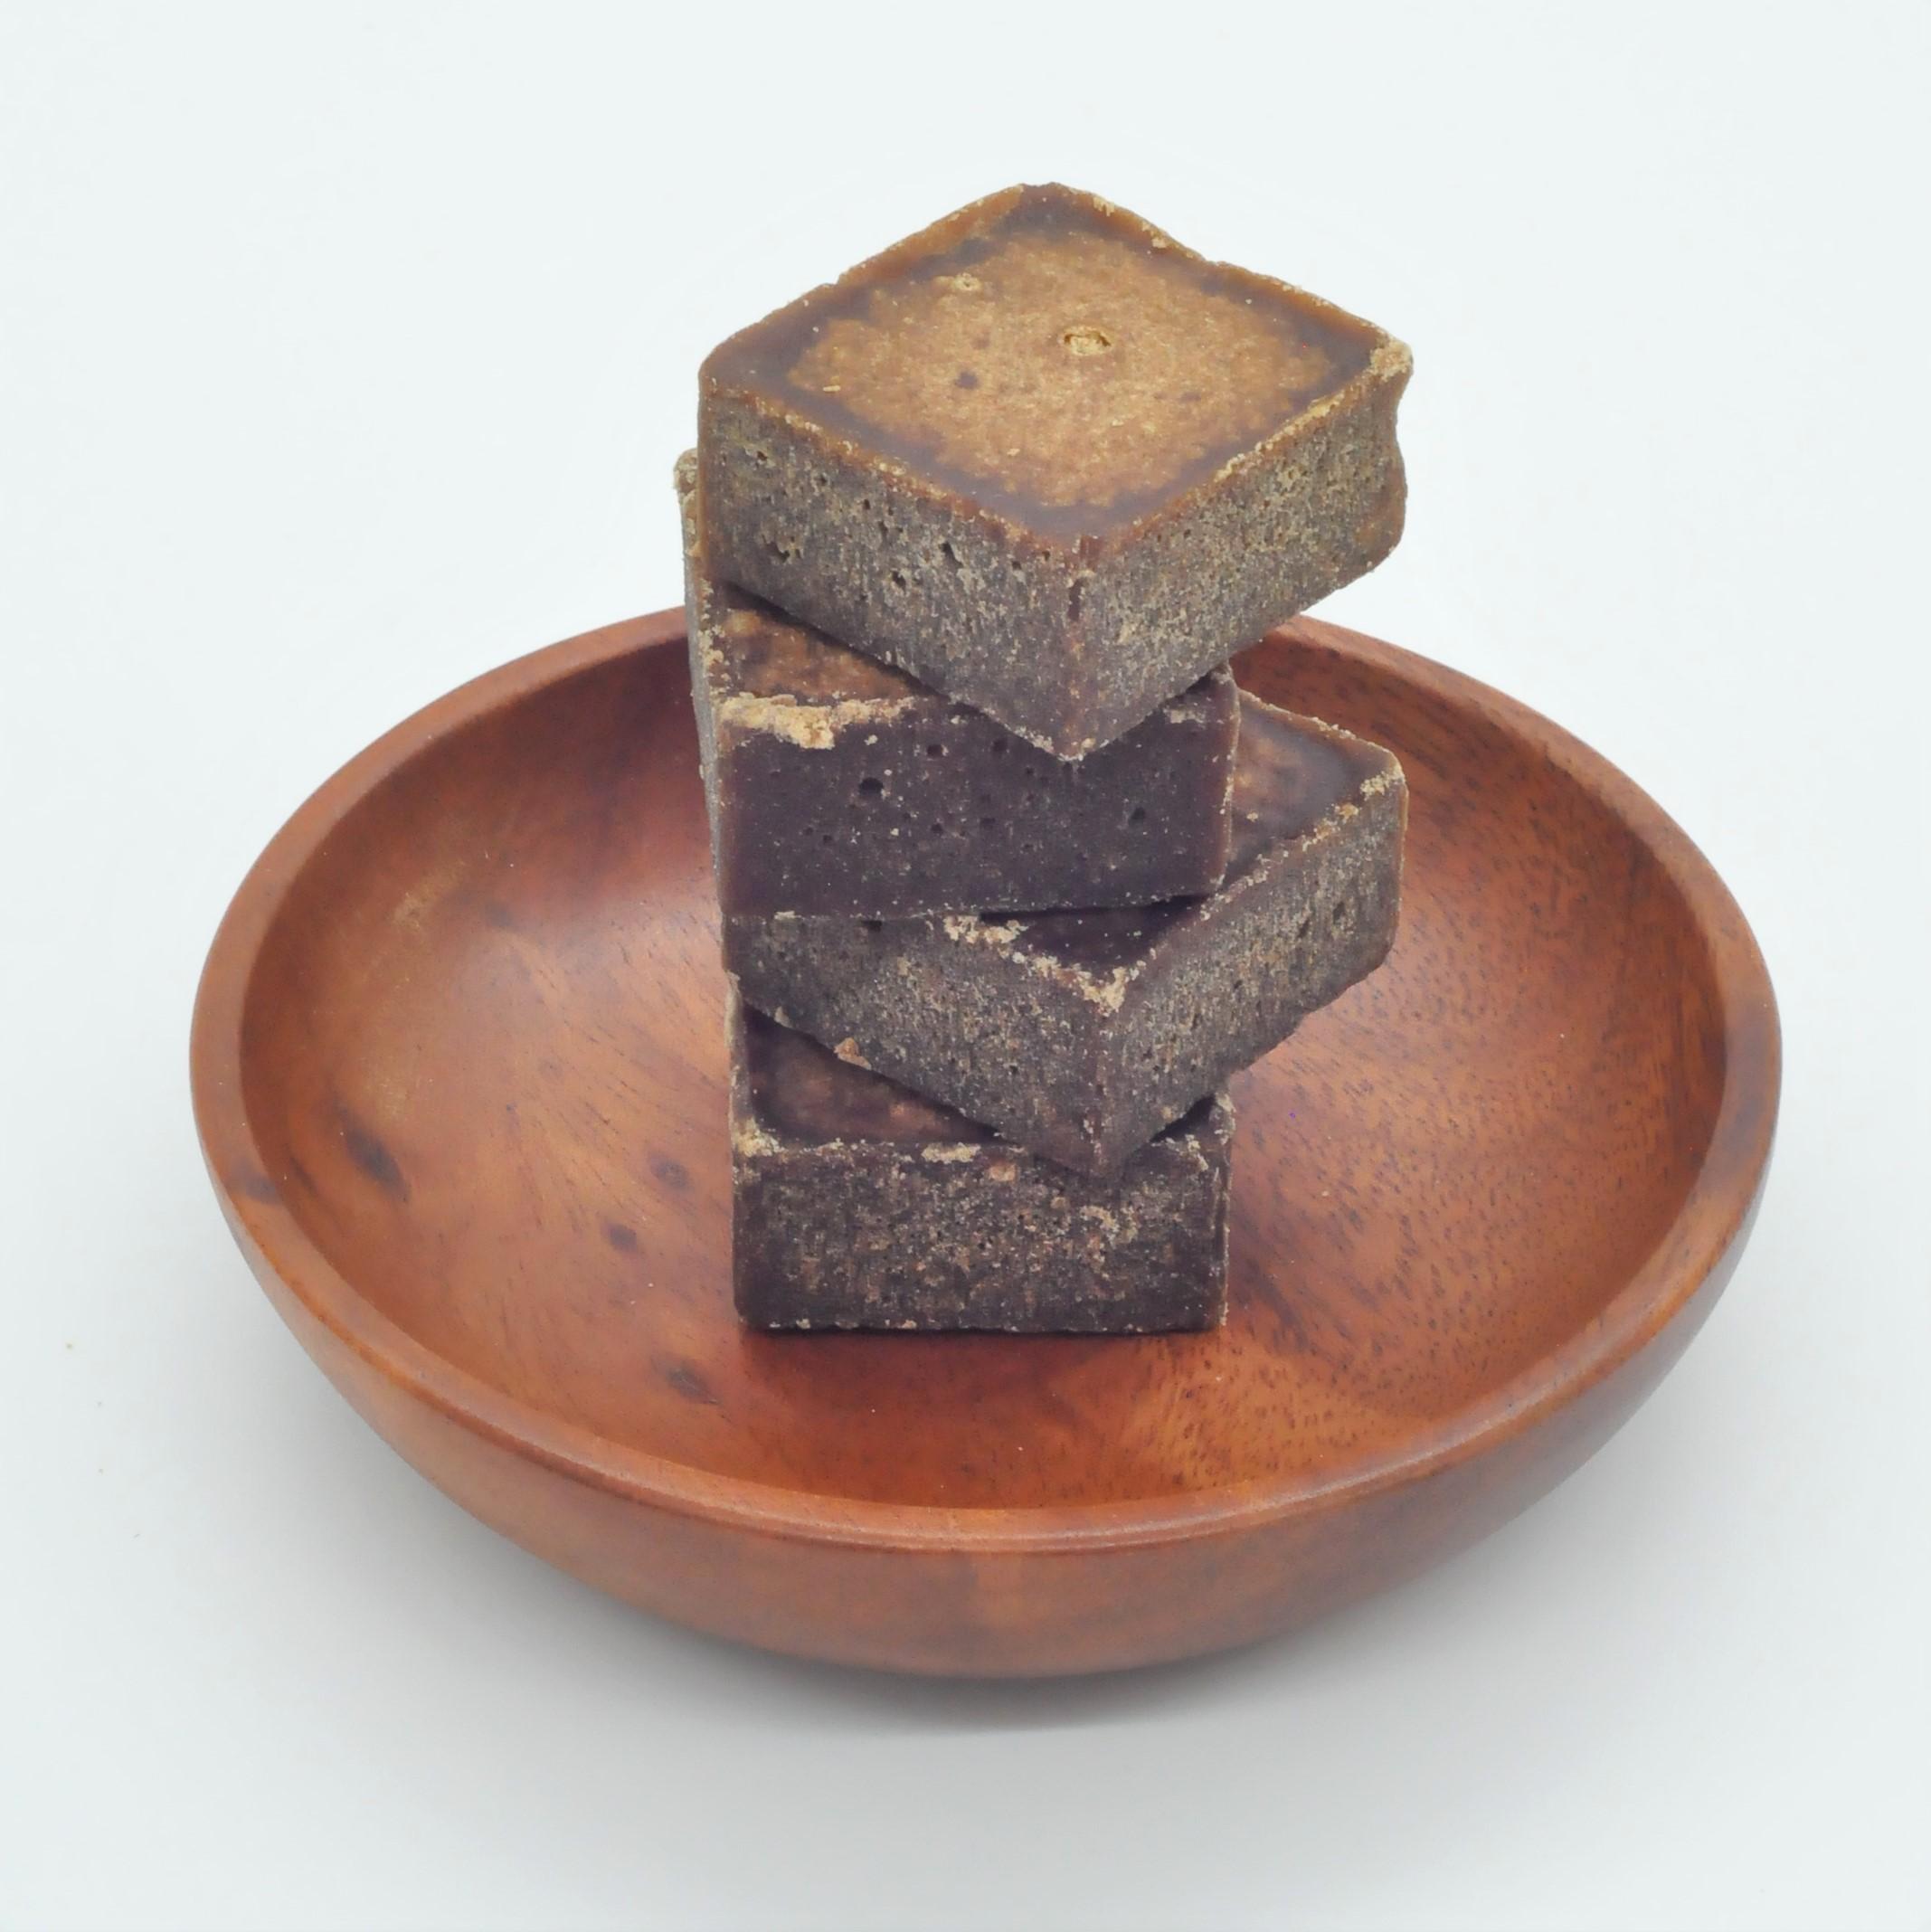 黑糖磚禮盒(黑糖塊禮盒)-5